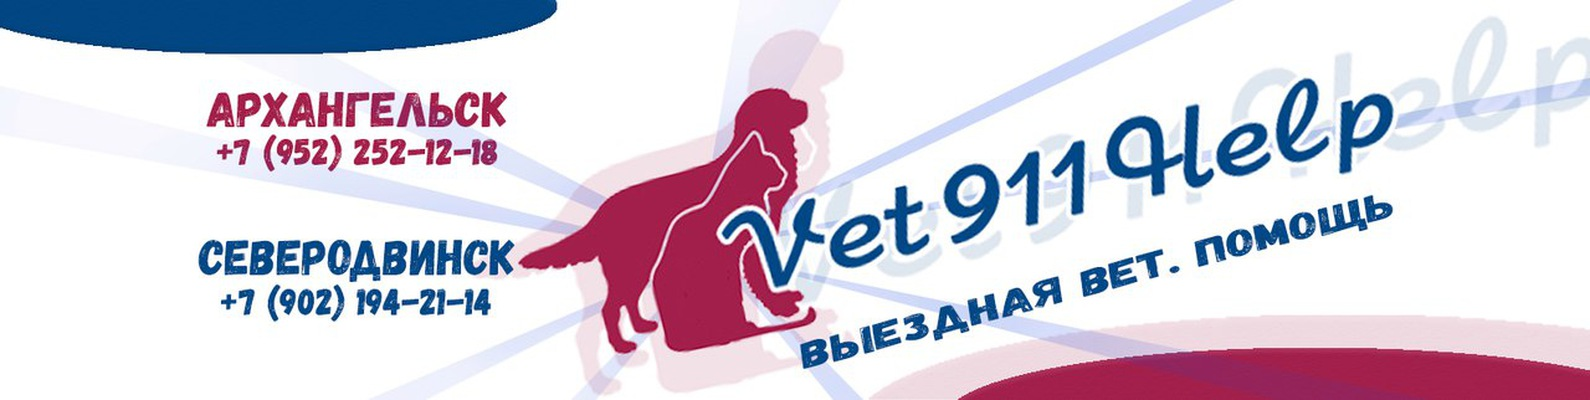 мобильная ветеринарная помощь архангельск декоративные